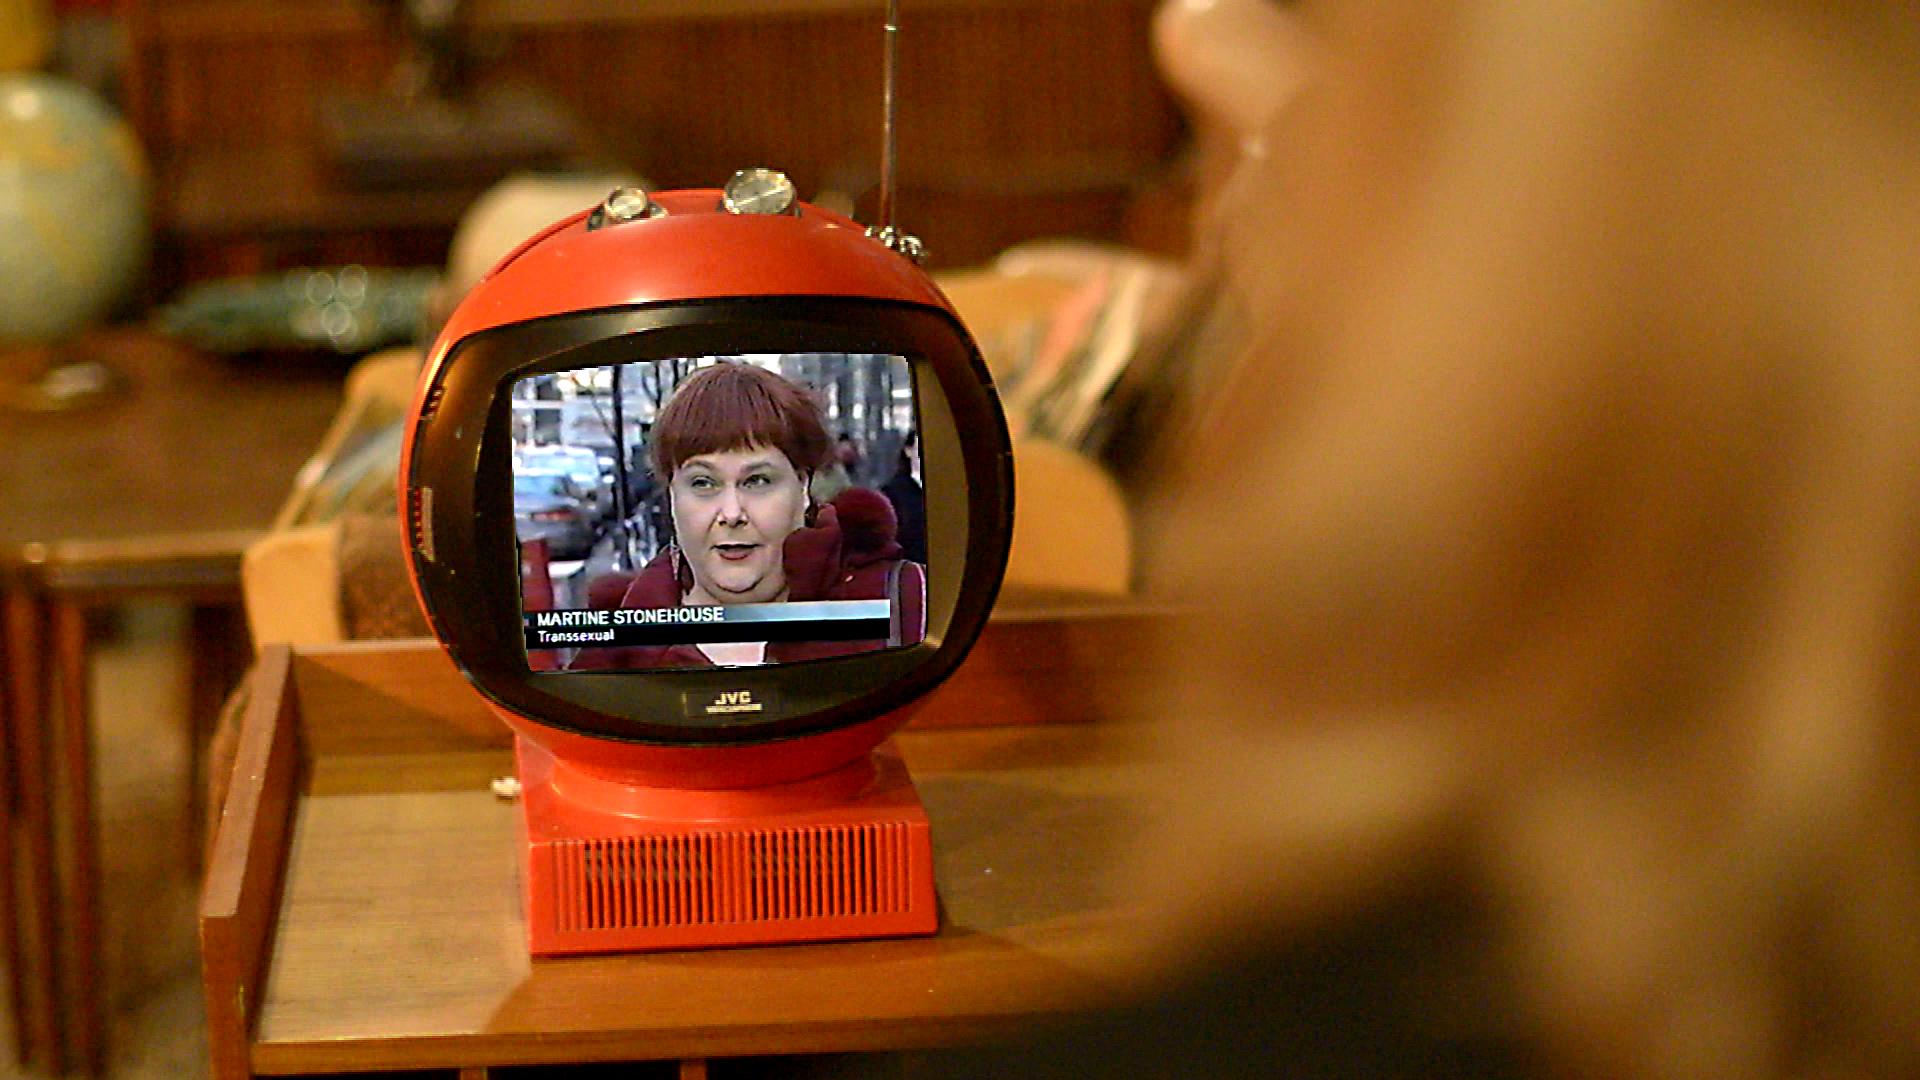 Martine se regarde à la télévision, dans Transfixed.